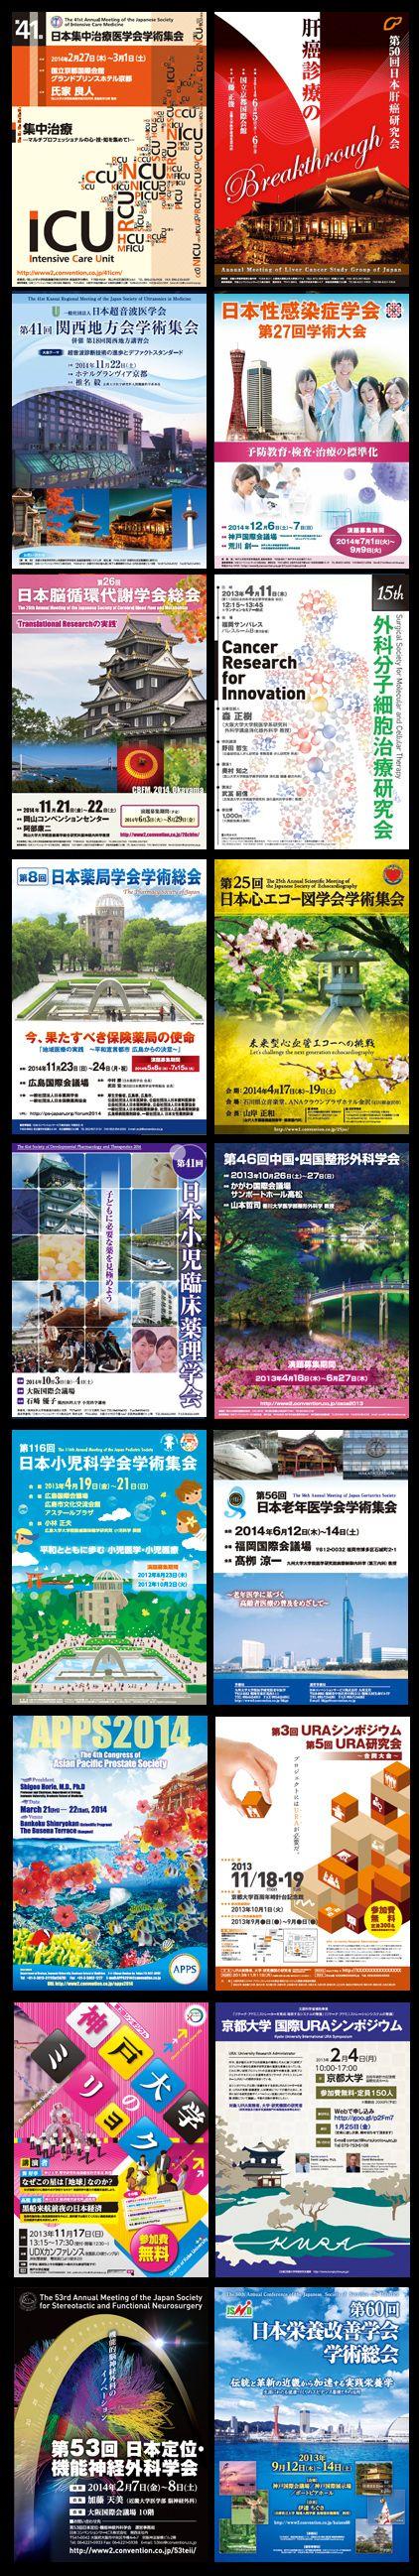 学術集会・学会ポスター|日本コンベンションサービス